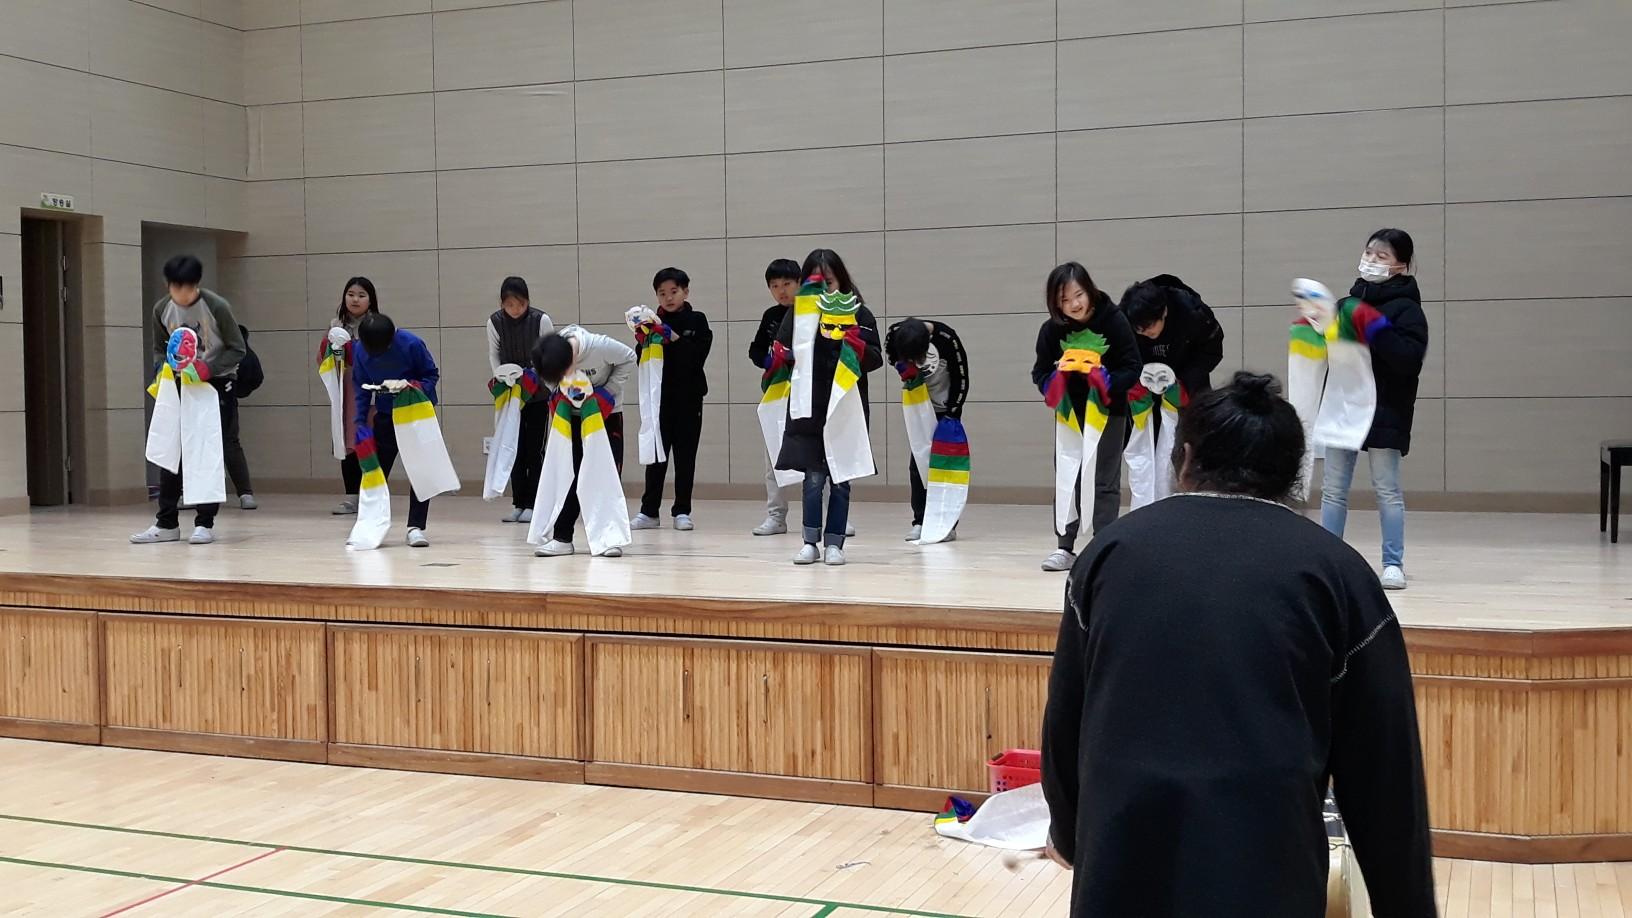 [일반] (5학년) 동아리 활동-탈춤 발표의 첨부이미지 1